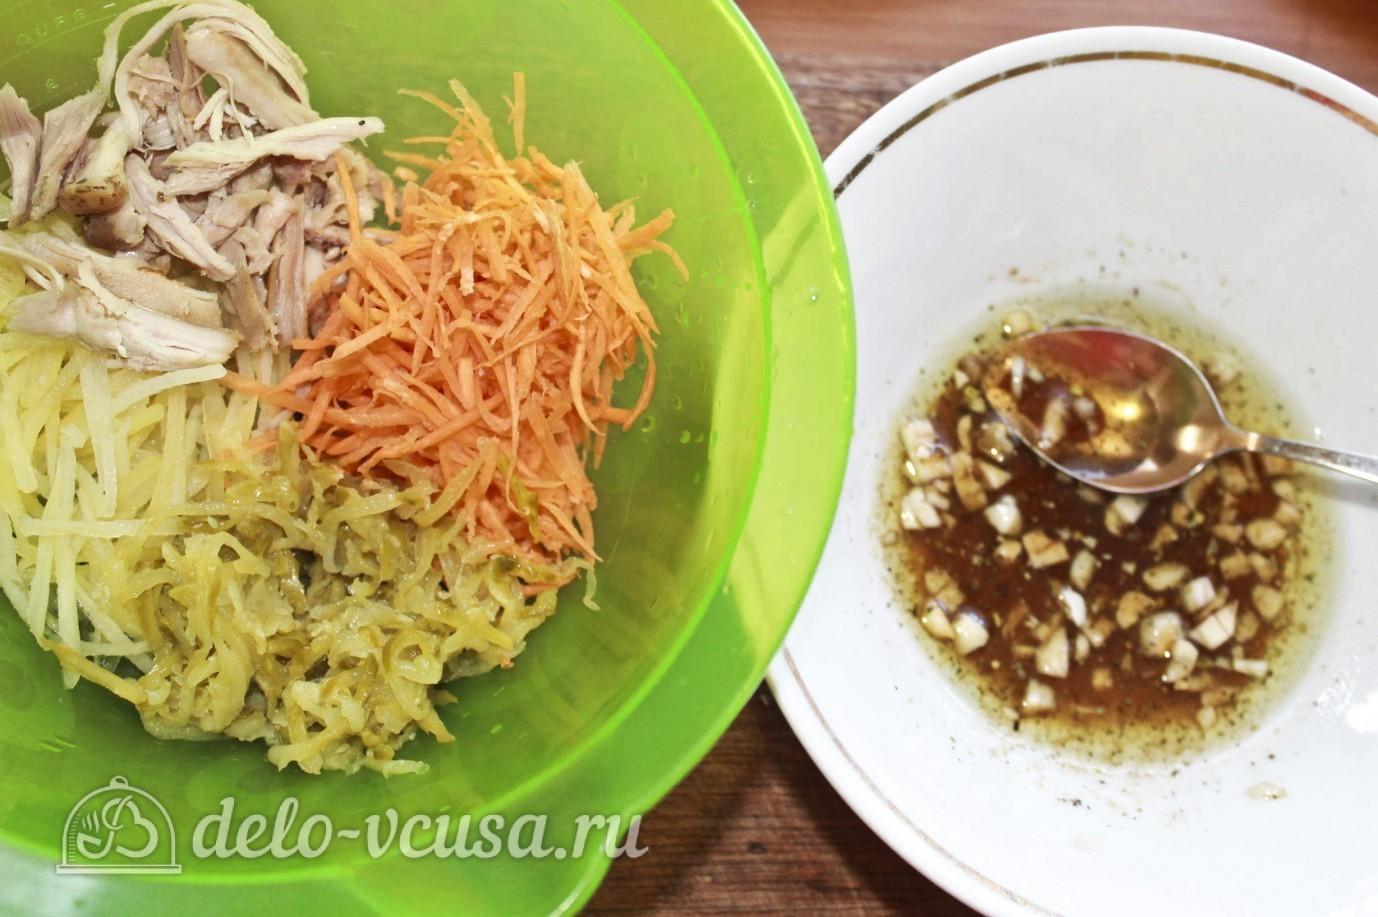 салат с семечками и с курицей рецепт